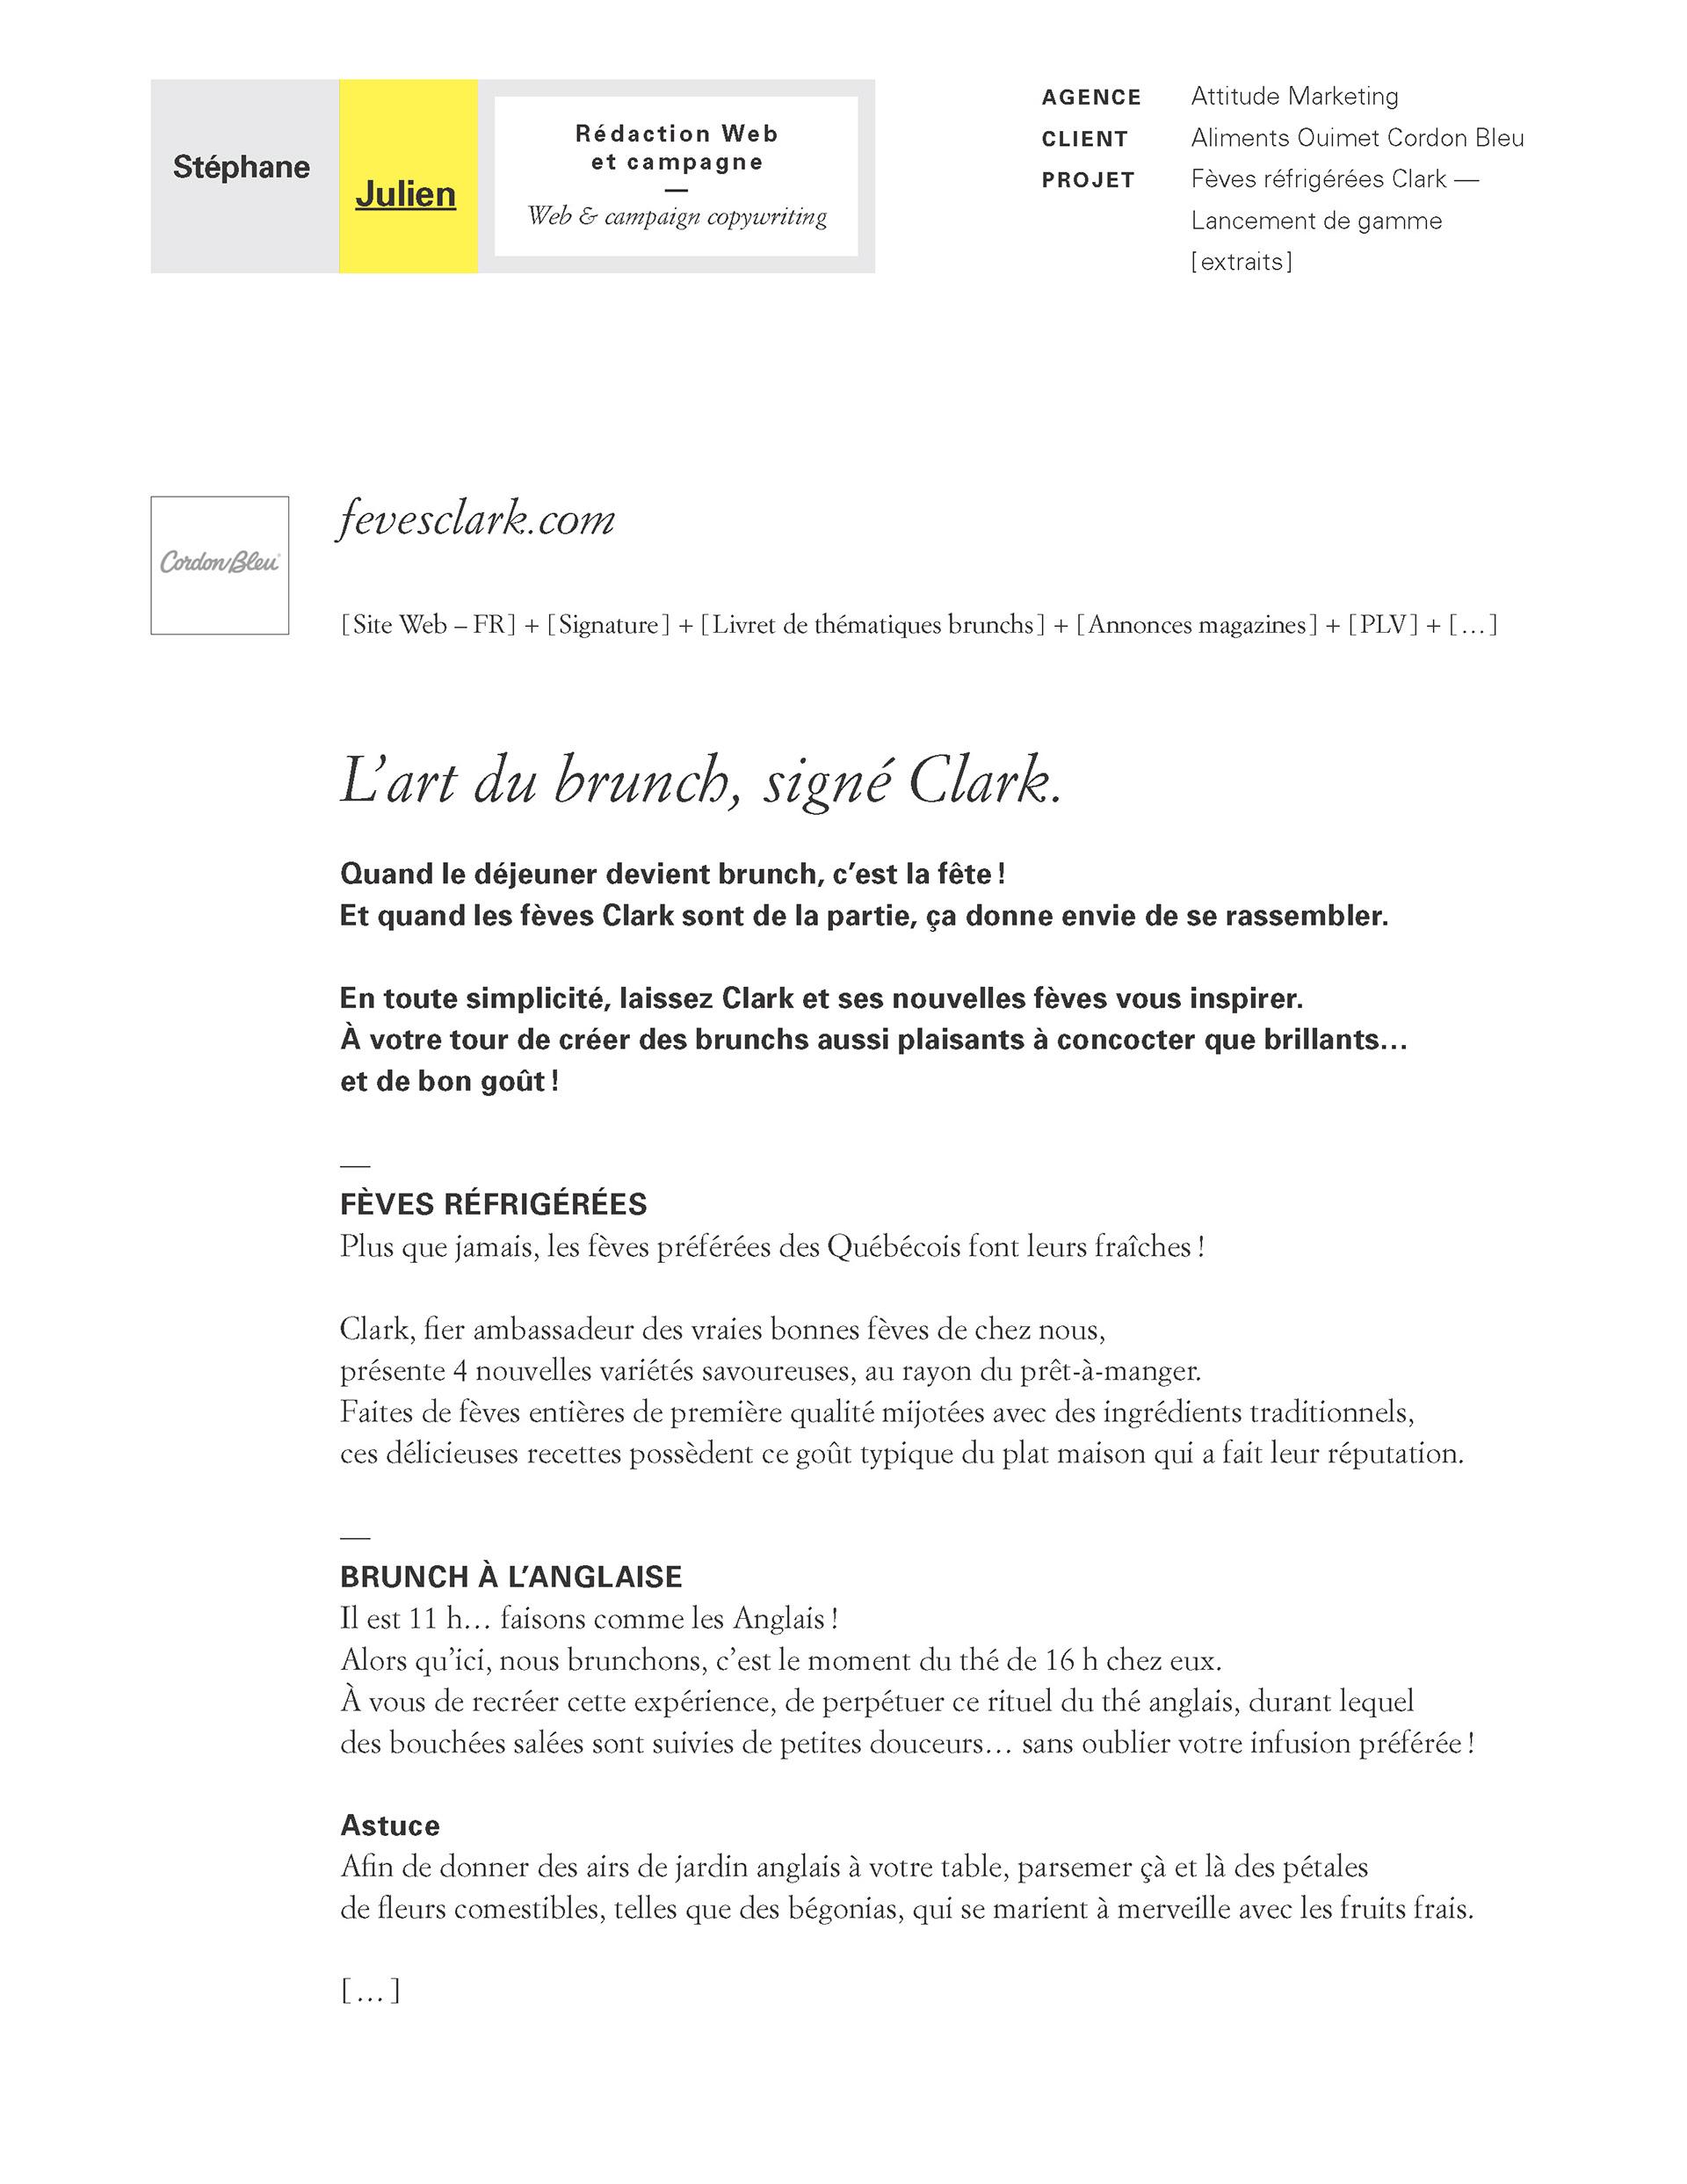 C Maison Et Jardin Magazine rédaction • copywriting on behance